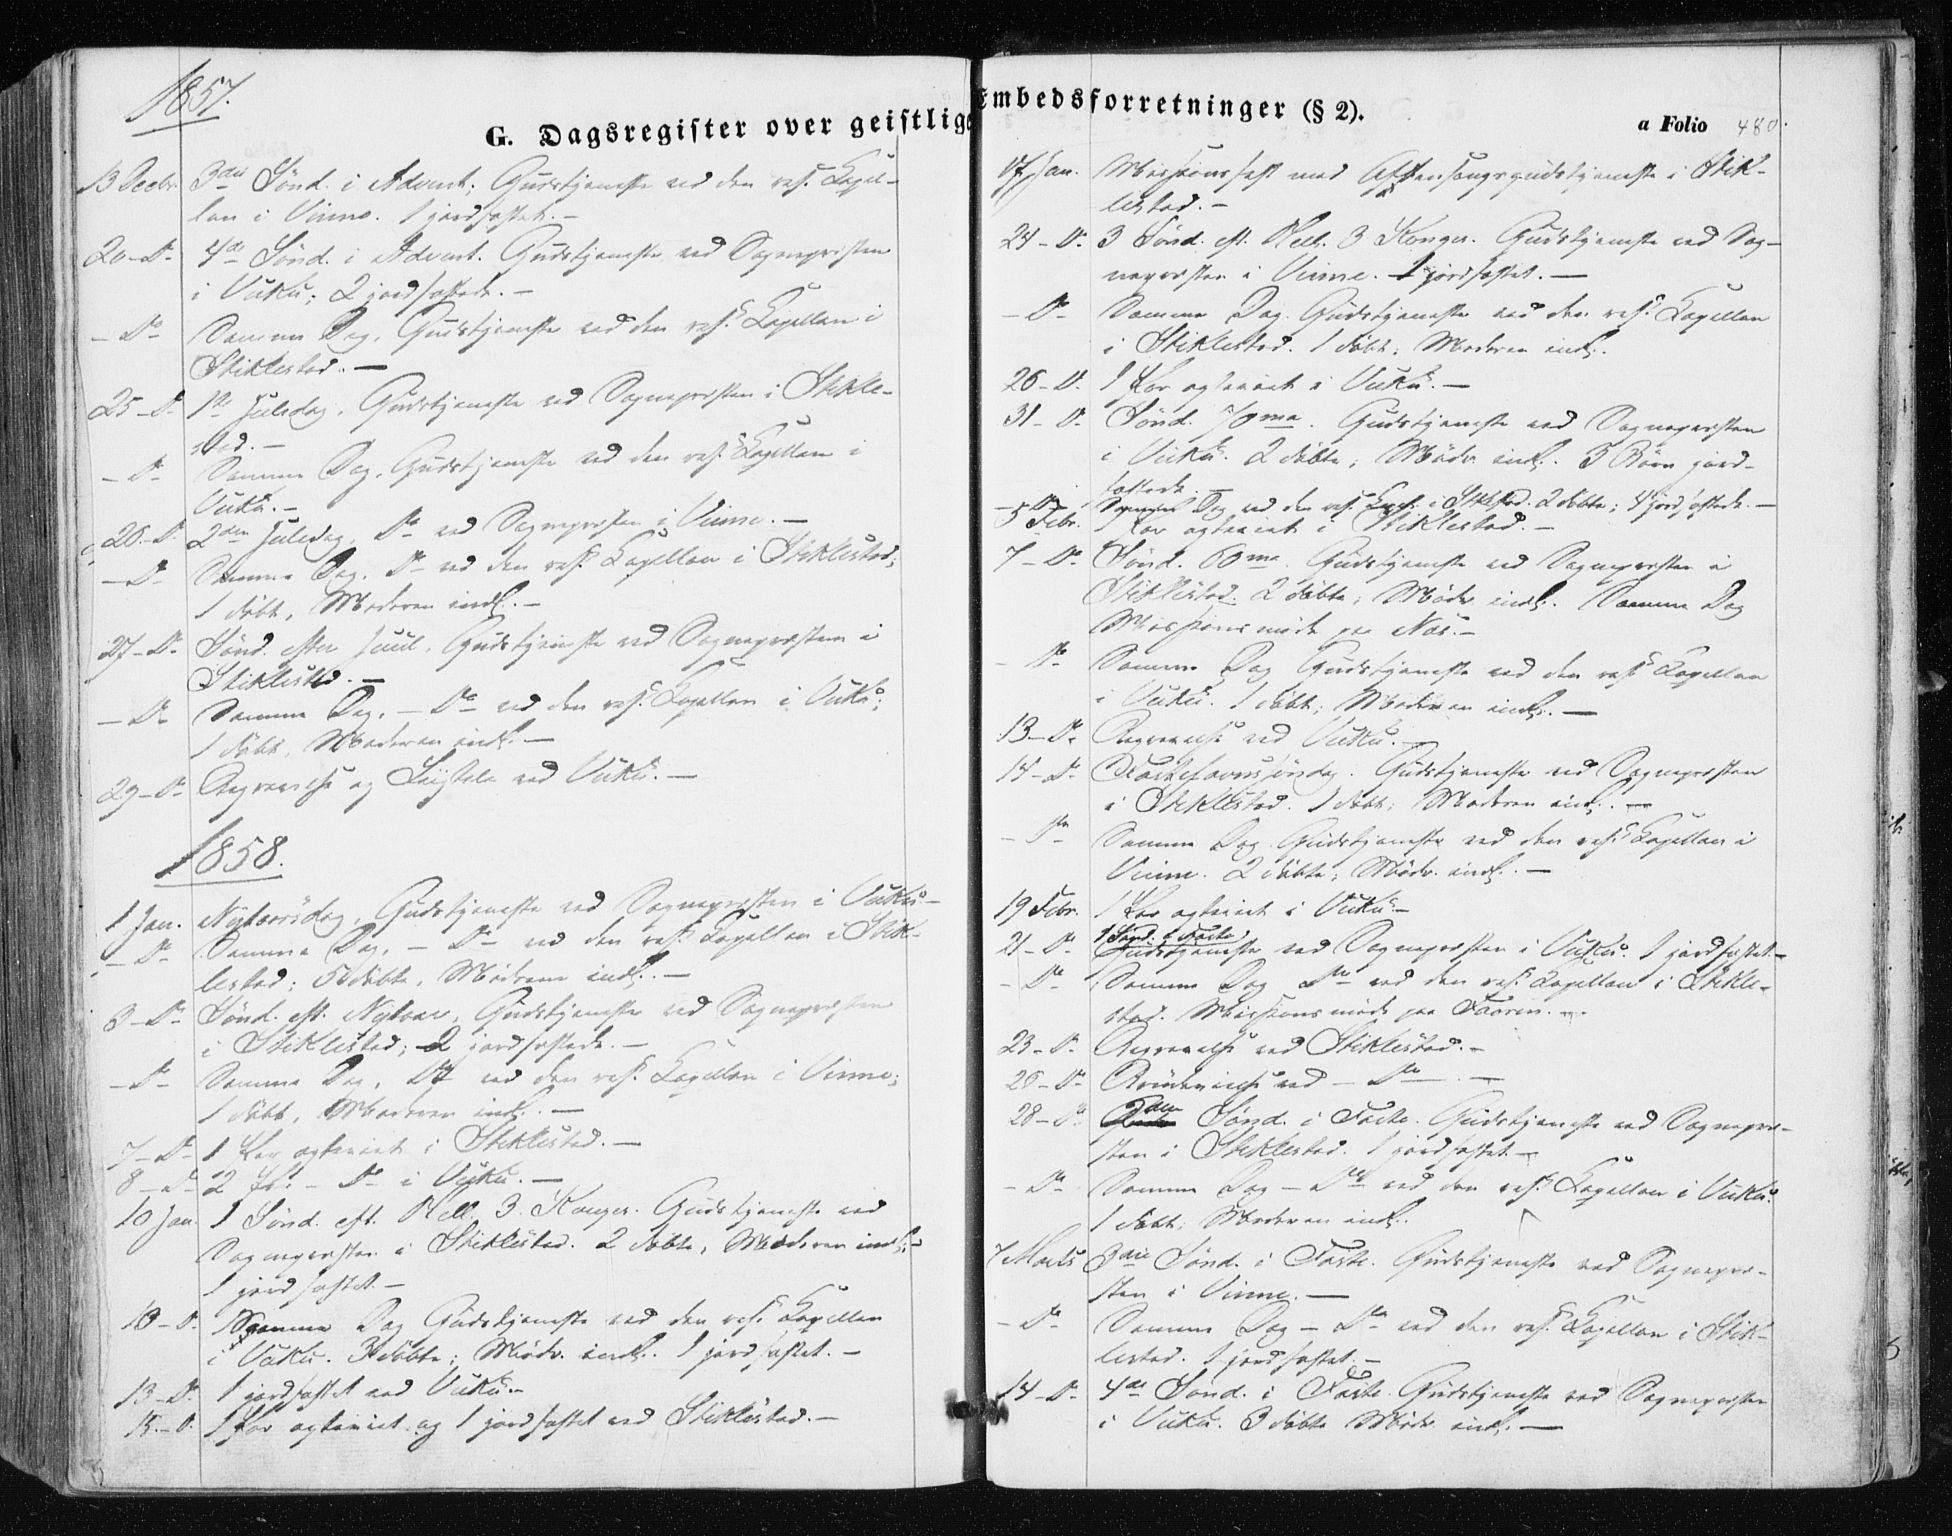 SAT, Ministerialprotokoller, klokkerbøker og fødselsregistre - Nord-Trøndelag, 723/L0240: Ministerialbok nr. 723A09, 1852-1860, s. 480